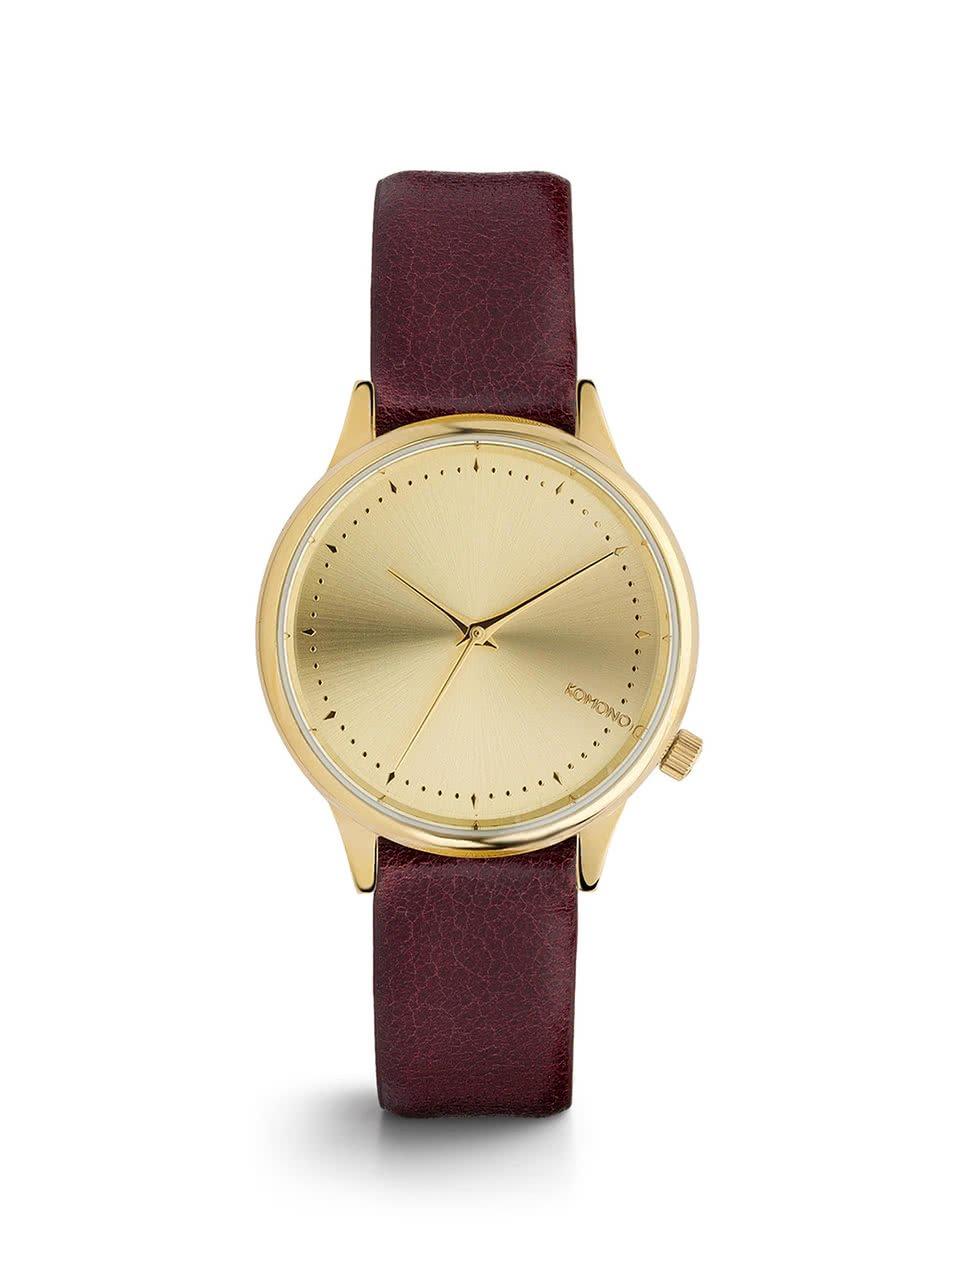 Dámské hodinky ve zlaté barvě s vínovým koženým páskem Komono Estelle Classic